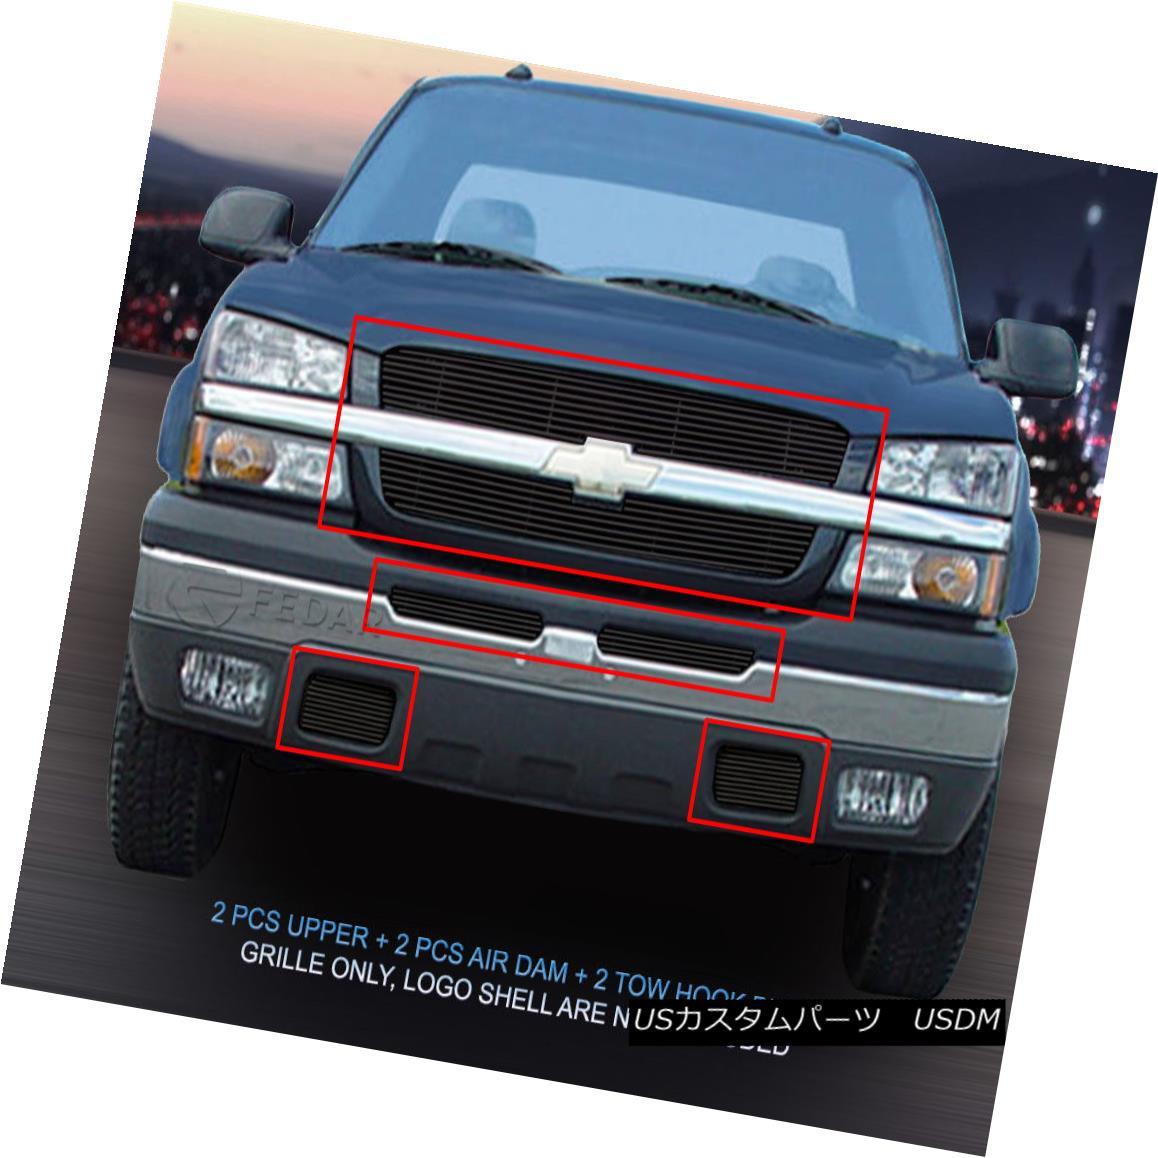 グリル Fits 2003-2004 Chevy Silverado 1500/2500/1500HD/3500 Black Billet Grille 2003-2004 Chevy Silverado 1500/2500/1500 HD / 3500 Black Billet Grilleに適合